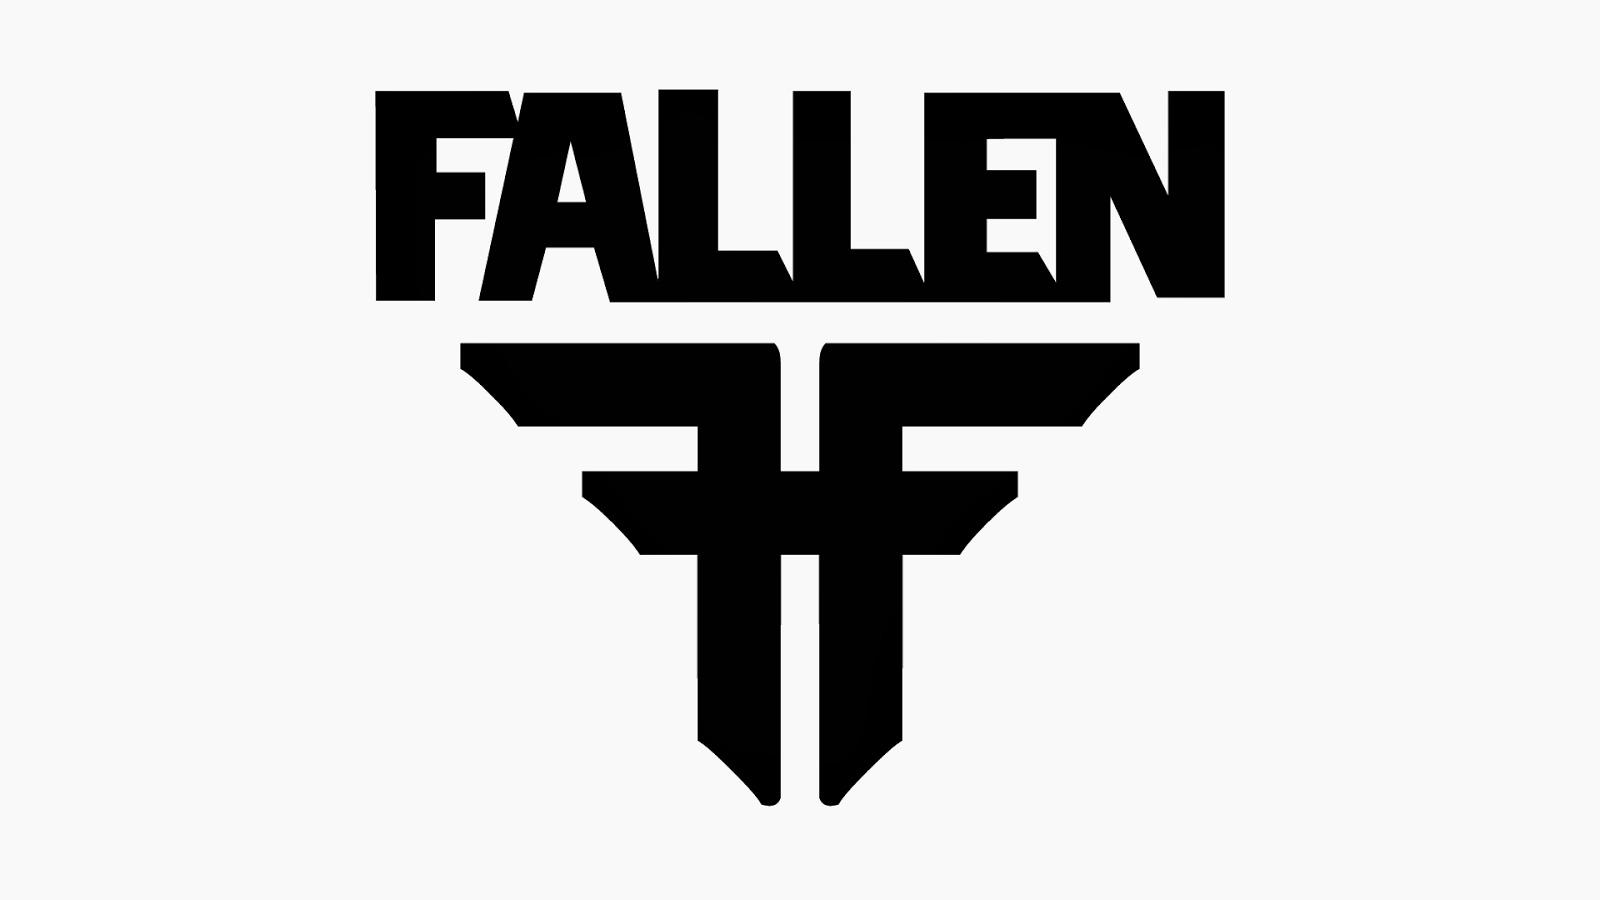 Fallen Skateboard Logo Wallpaper